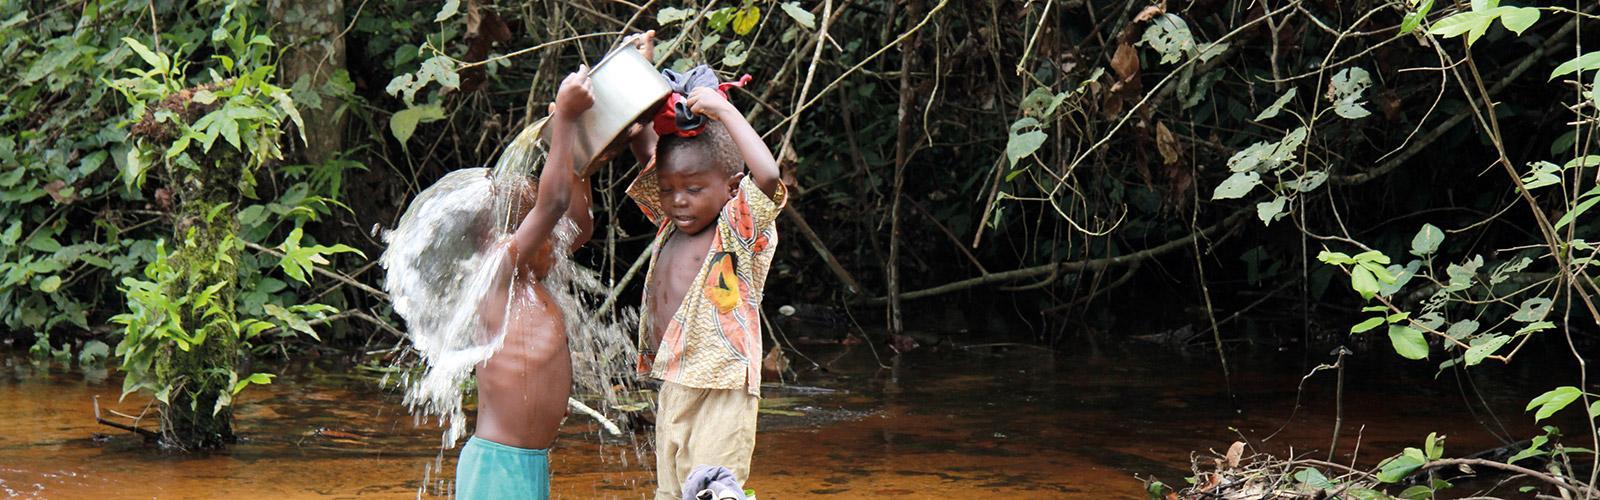 La corvée de l'eau au nord de Kisangani en République démocratique du Congo. D. Louppe © Cirad